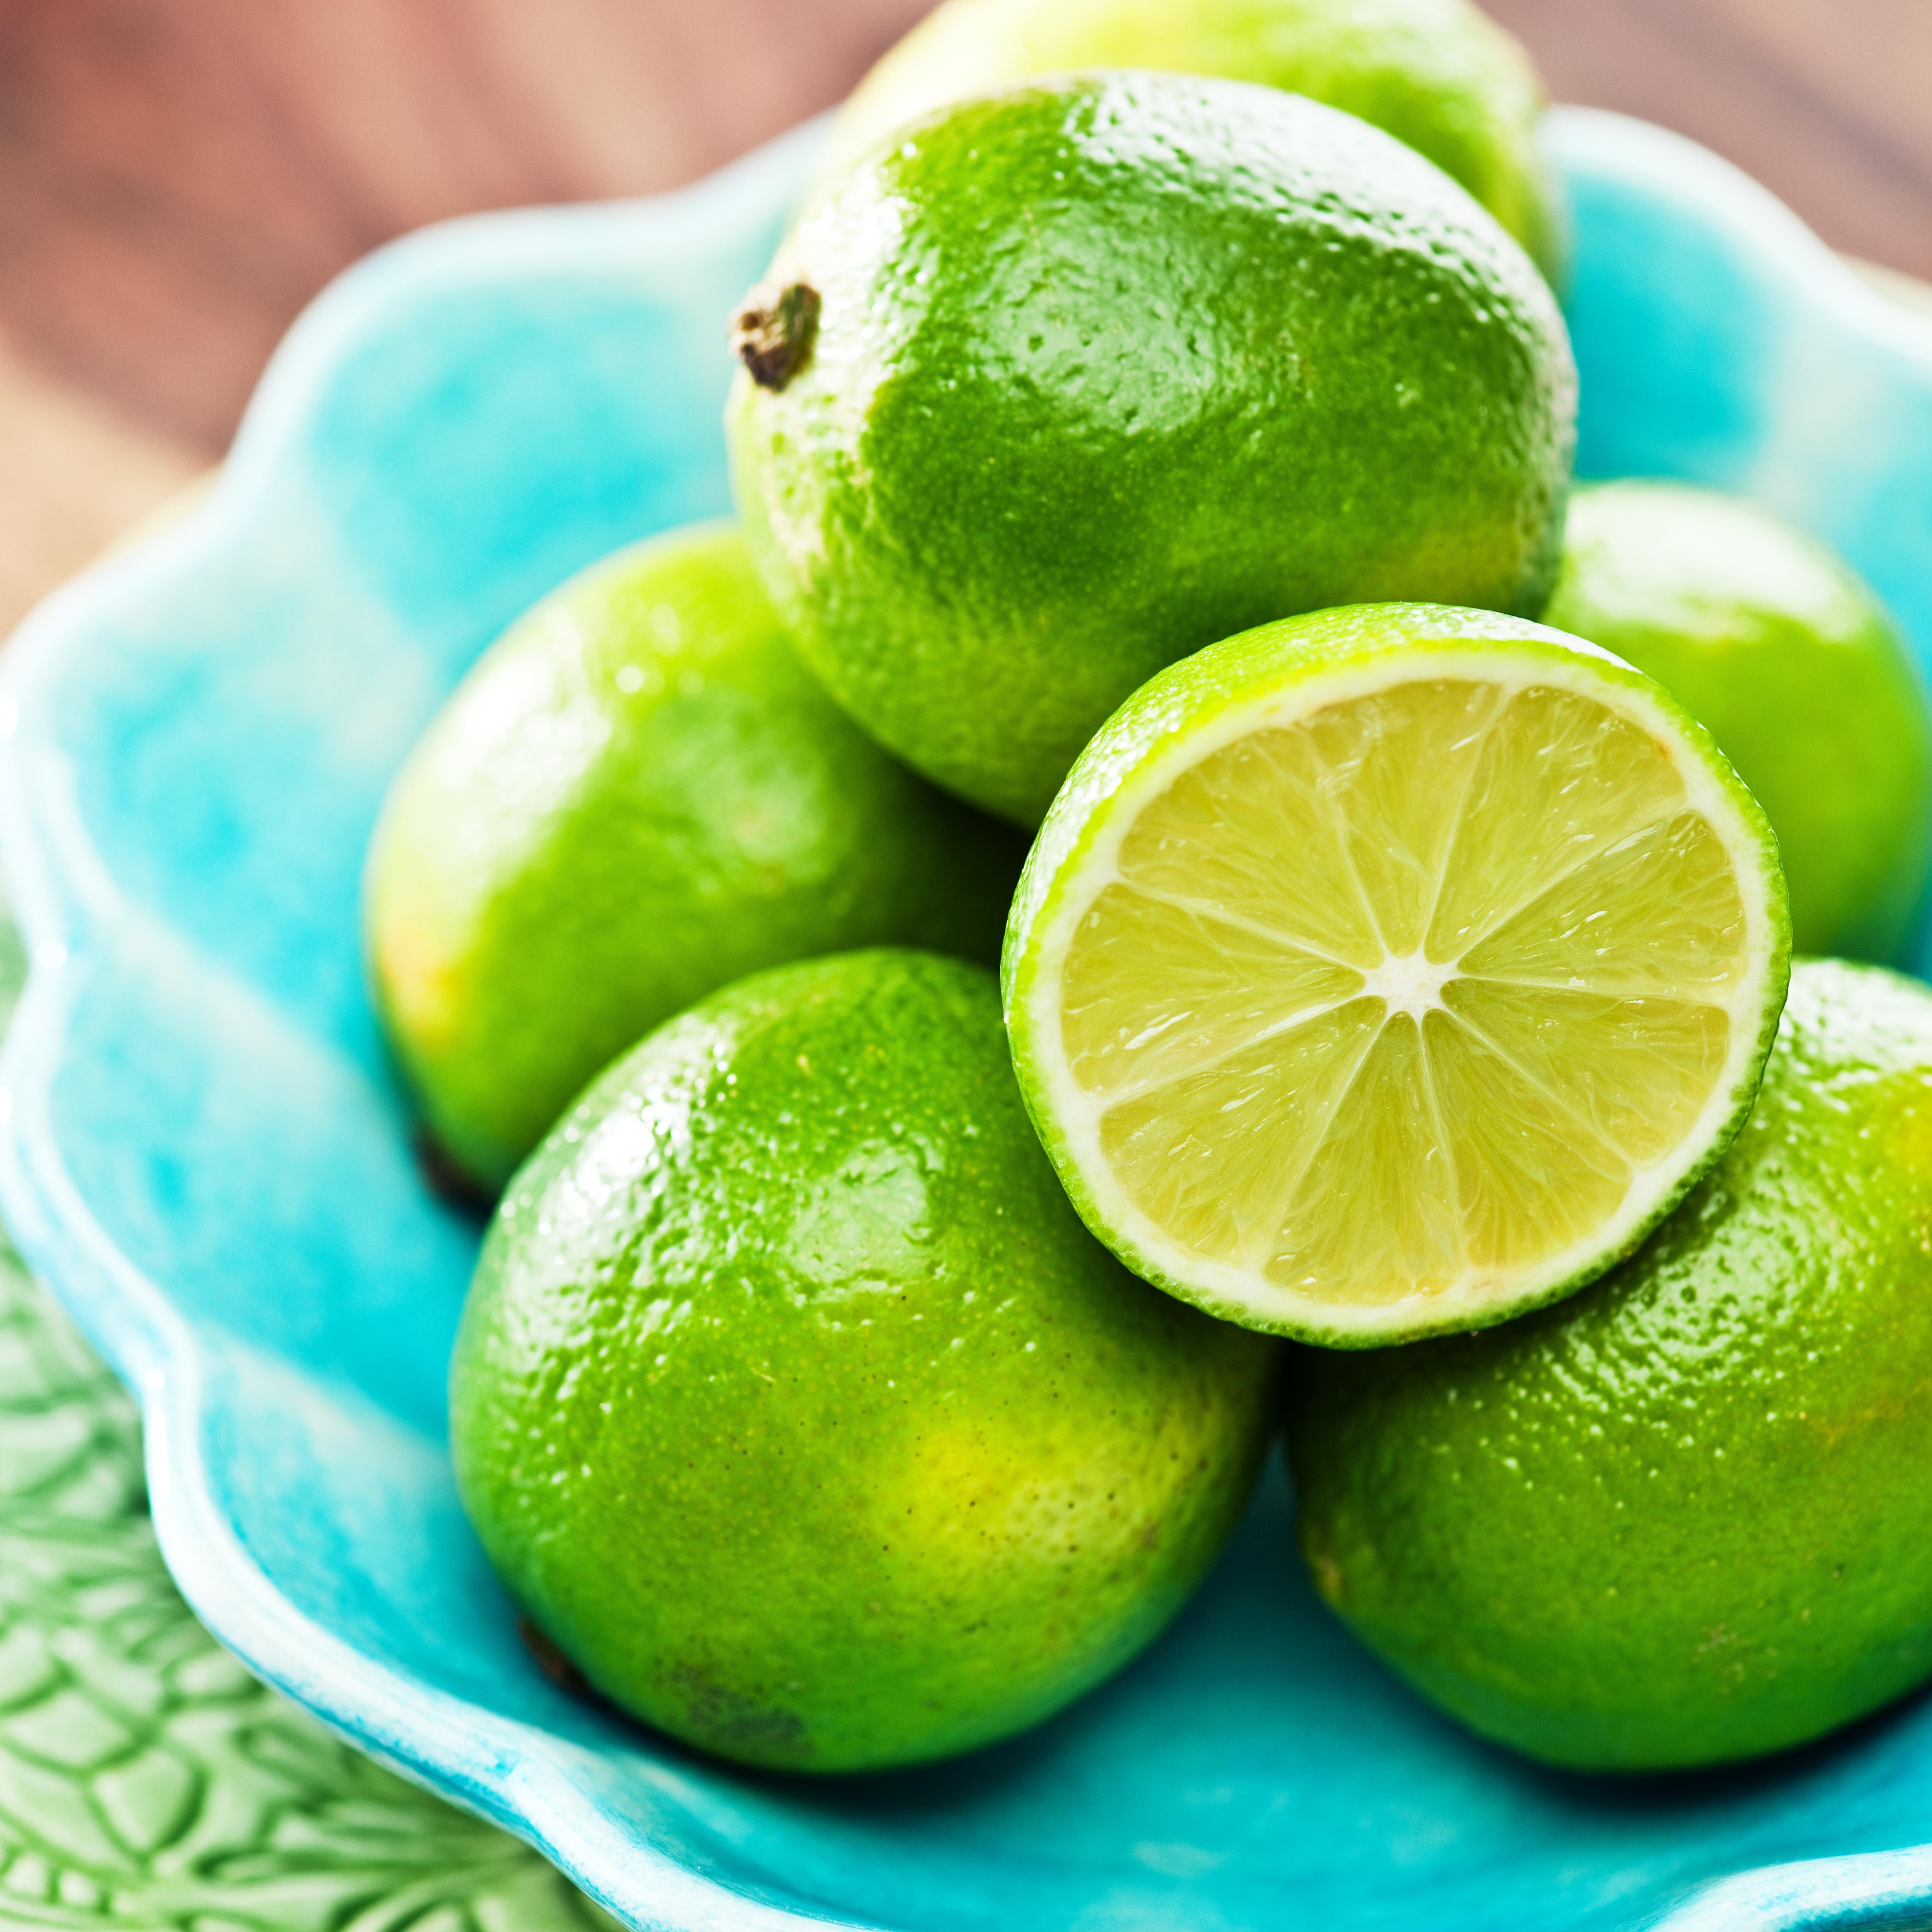 proprietà del lime